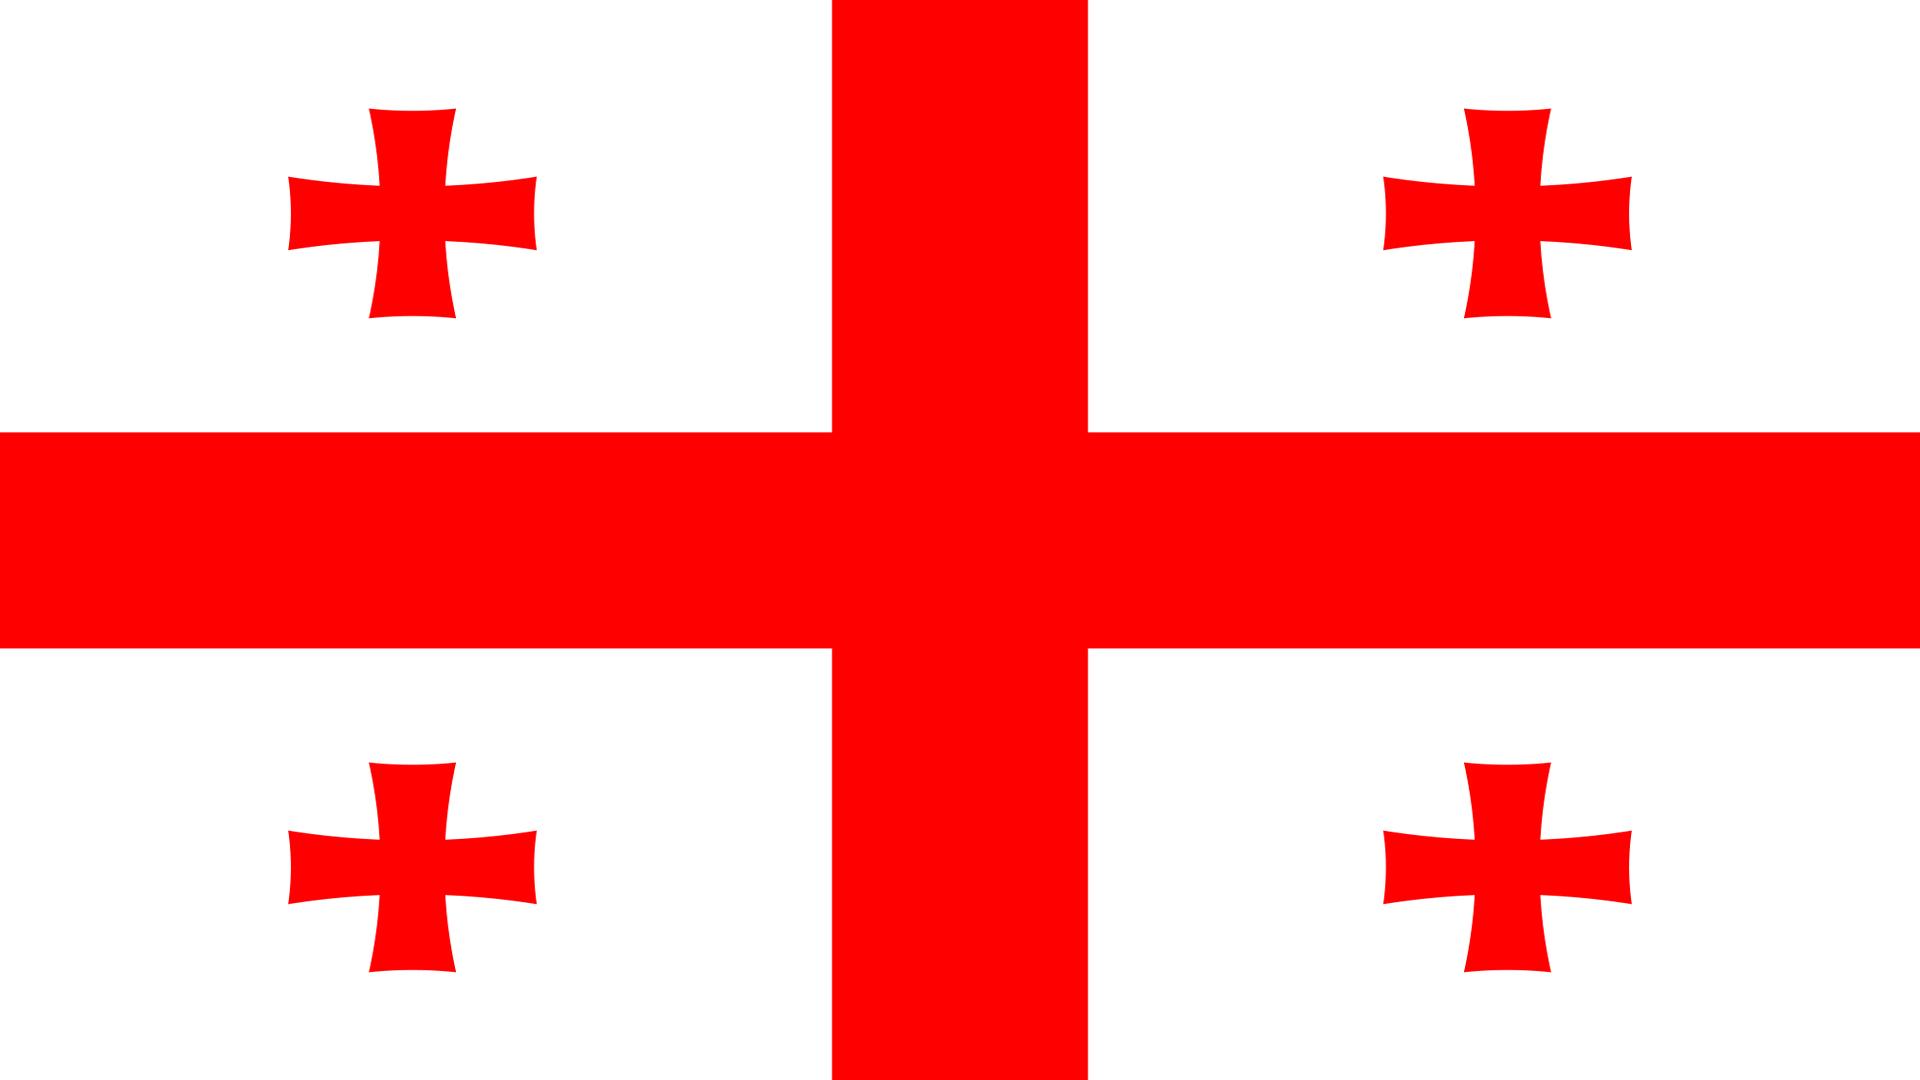 Выходные дни в Грузии в феврале 2020 года